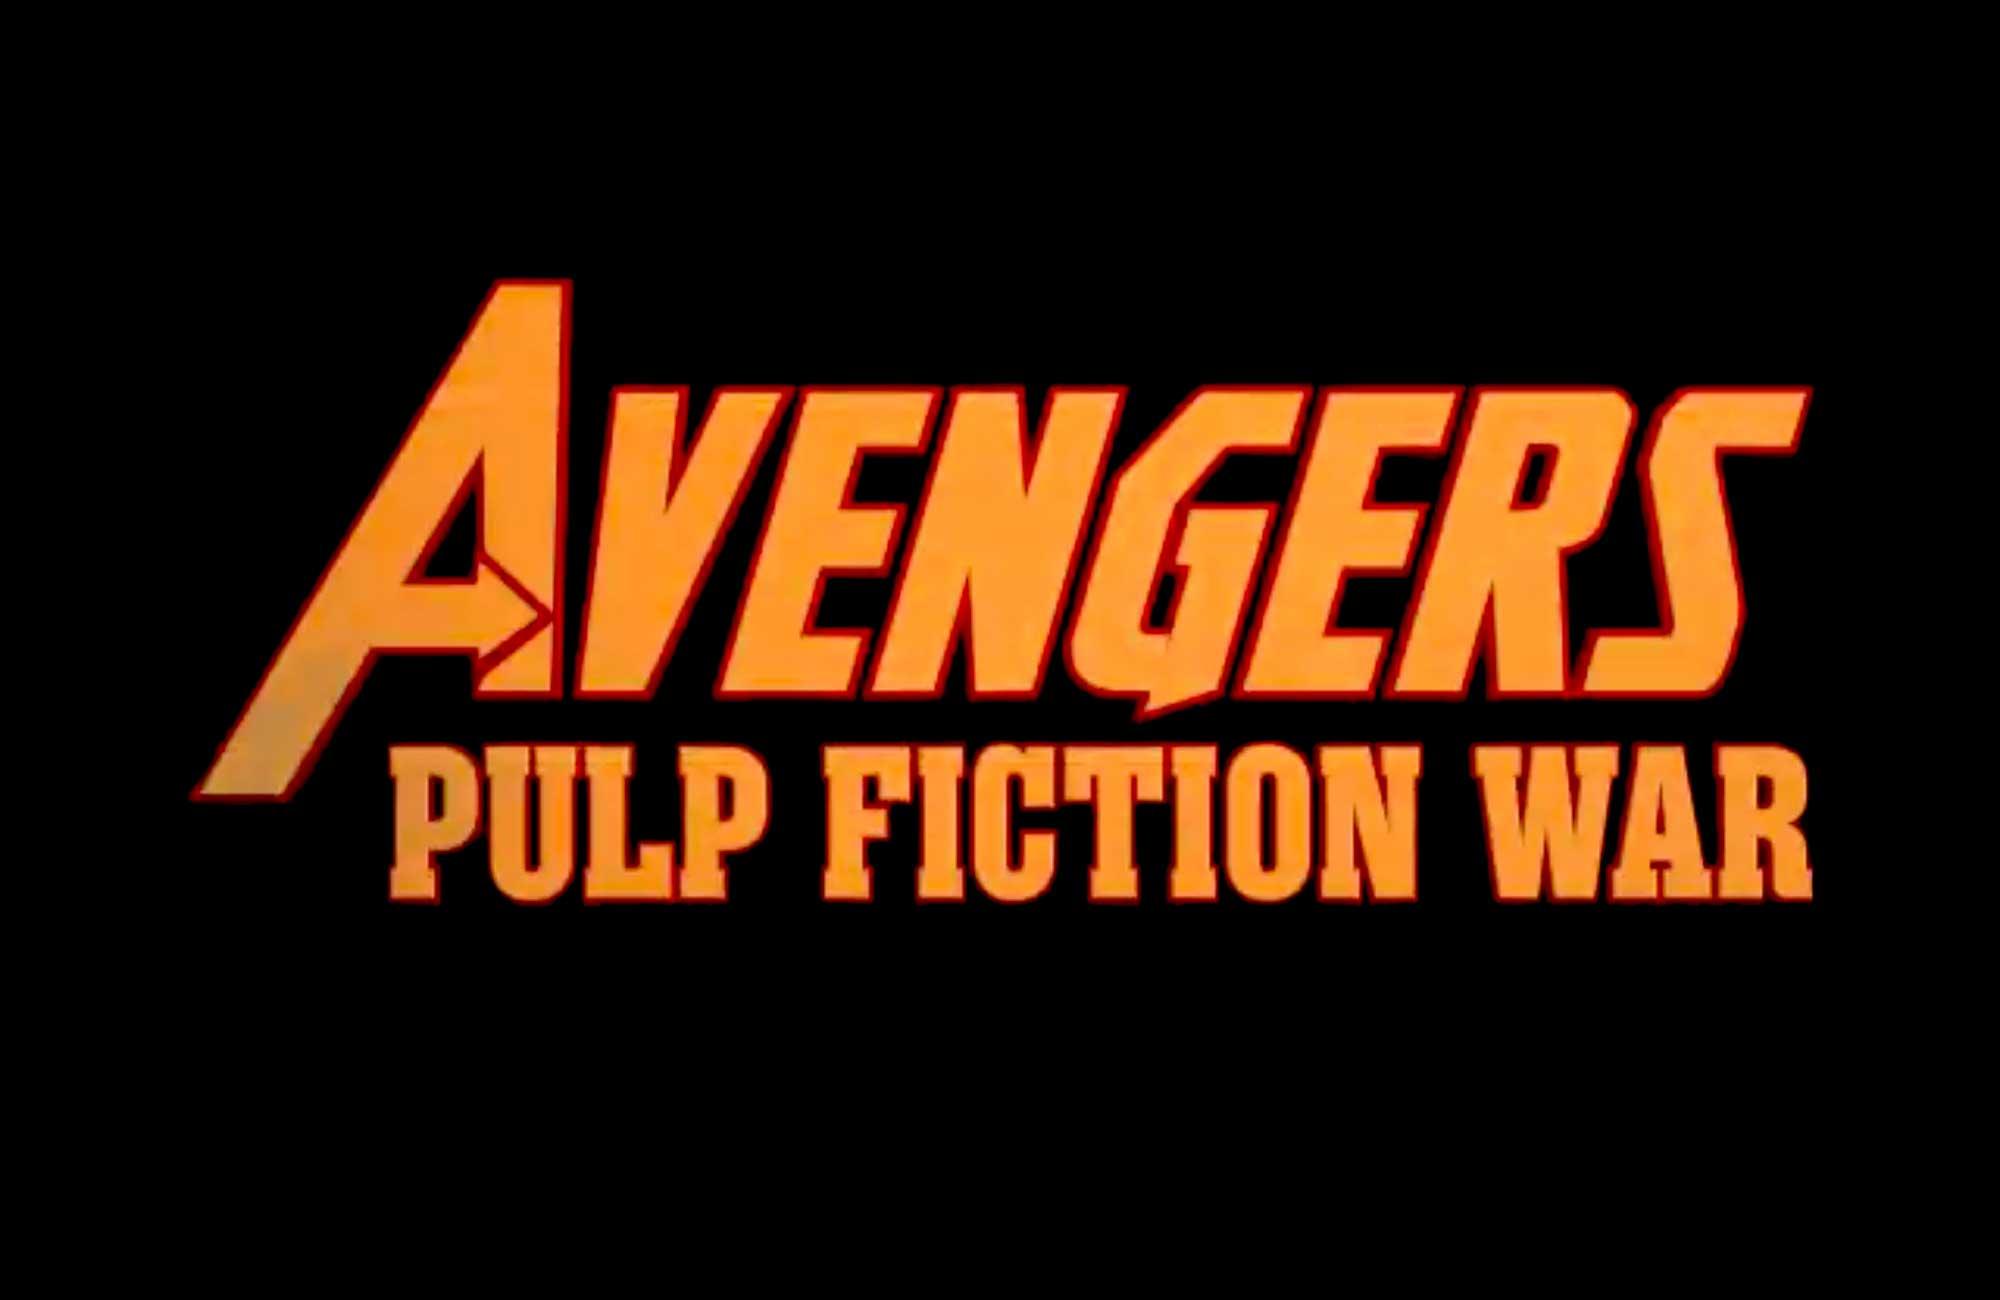 Avengers: Pulp Fiction War